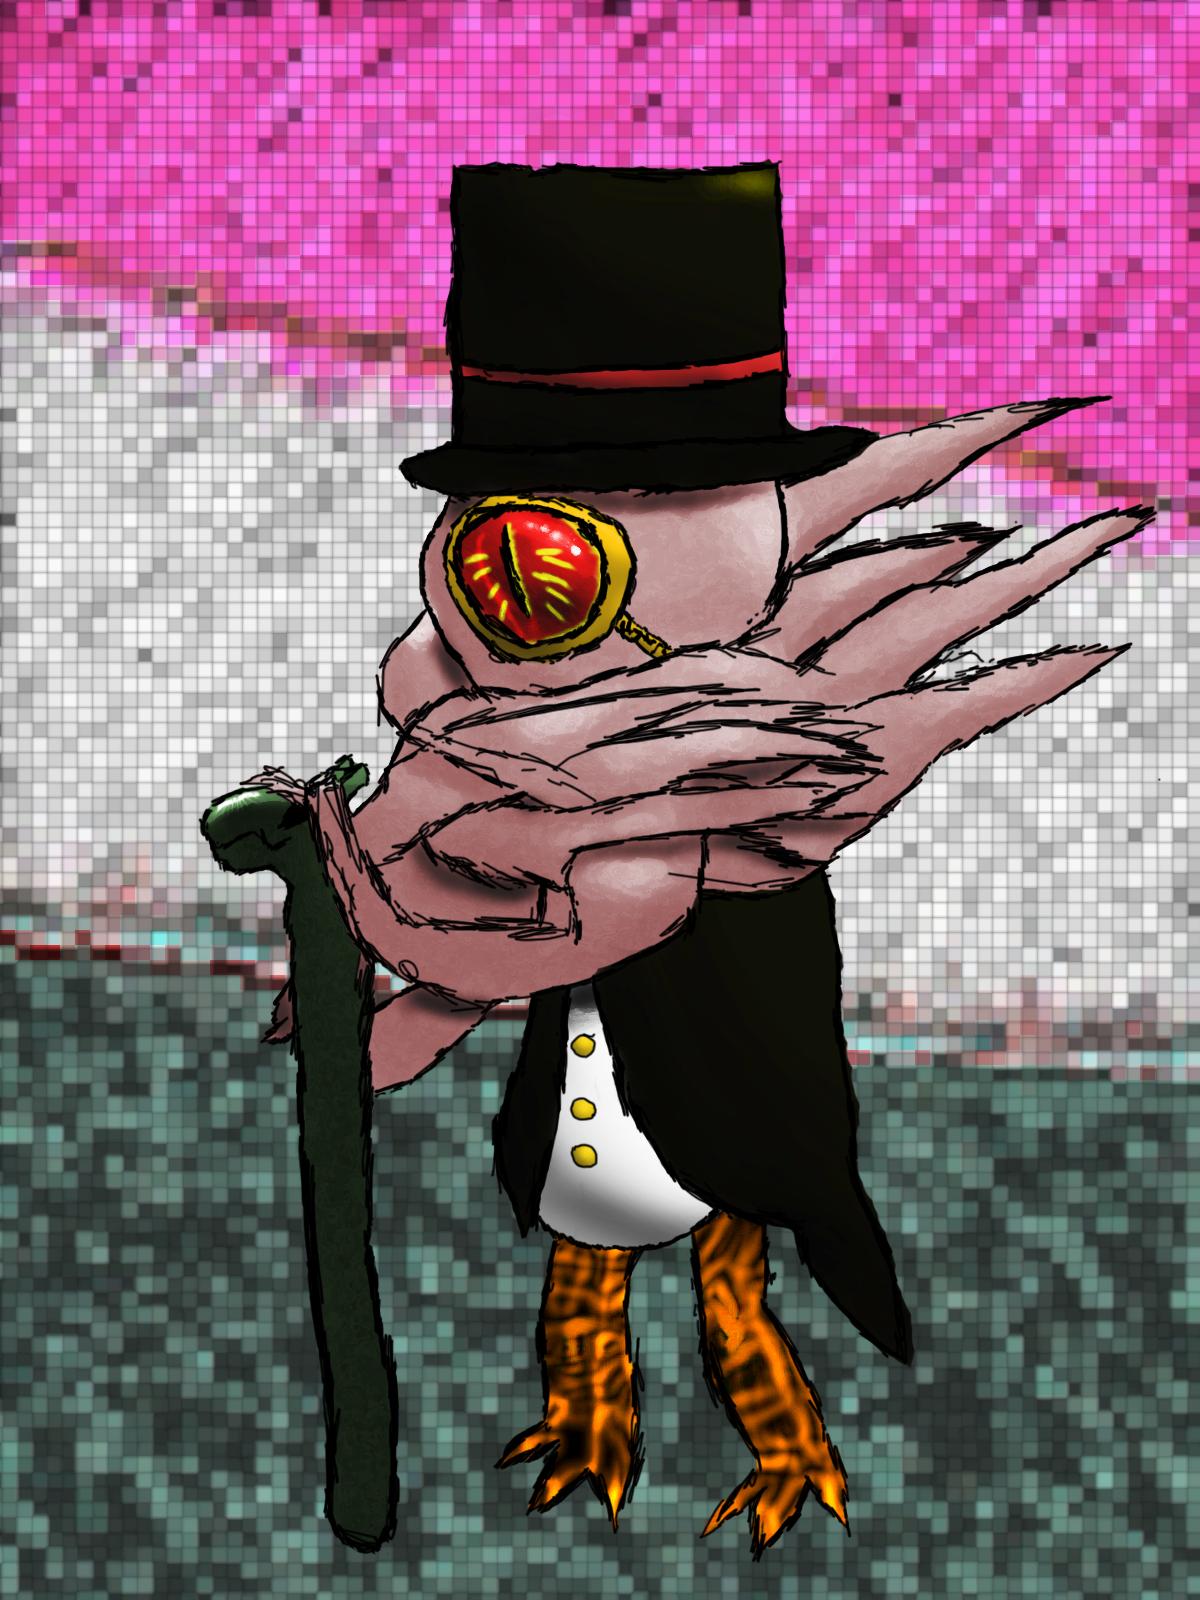 The Gentleman Chimaera